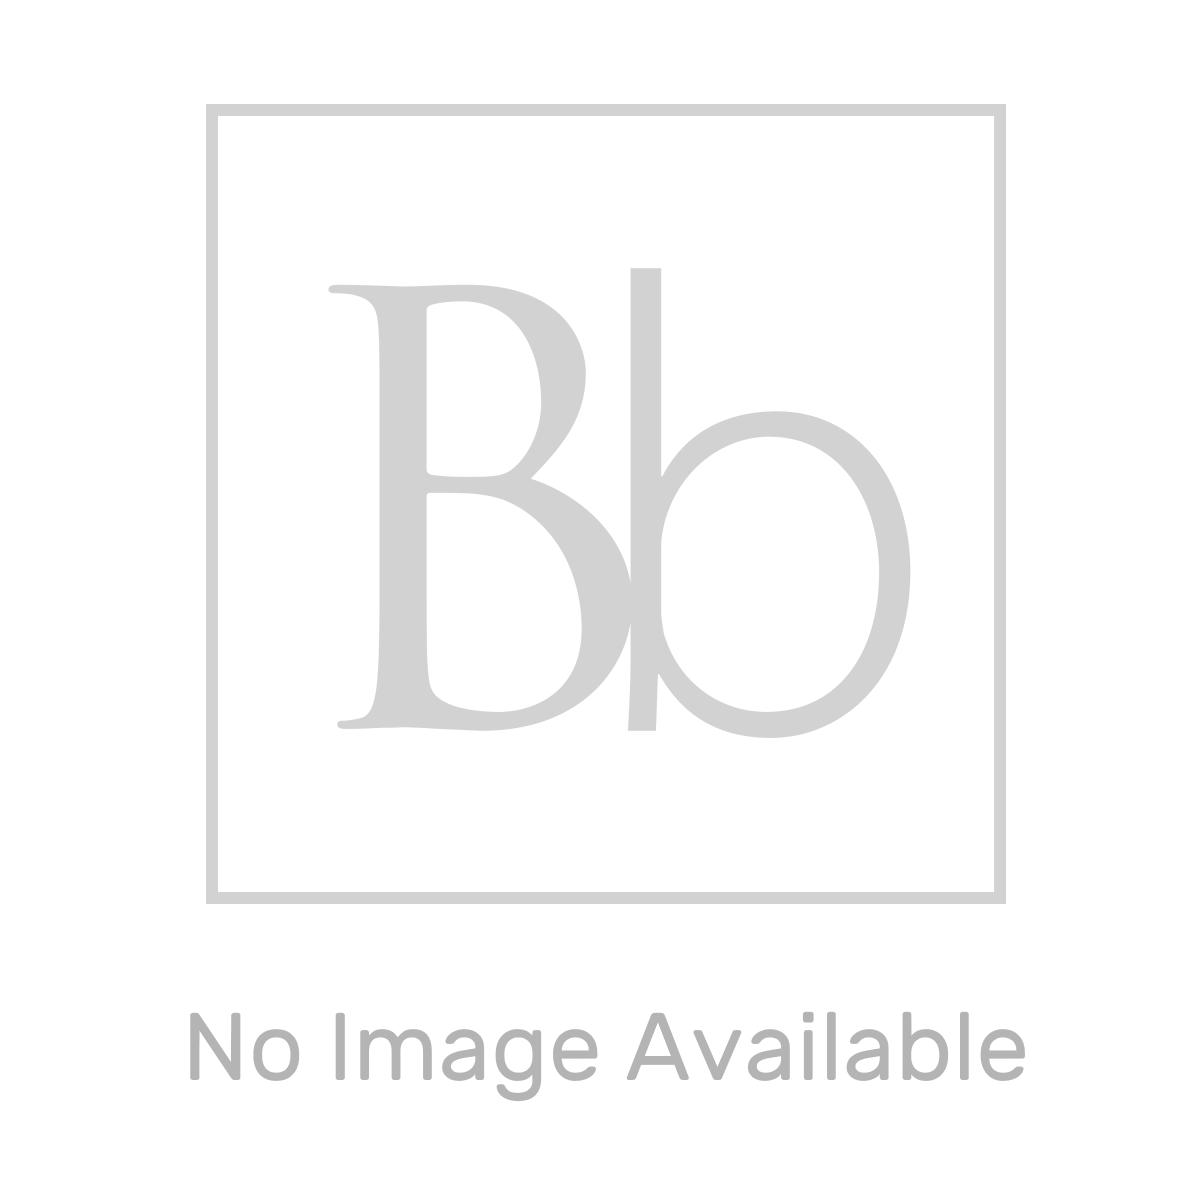 Nuie Athena Gloss Grey 2 Door Floor Standing Unit 500mm with Basin